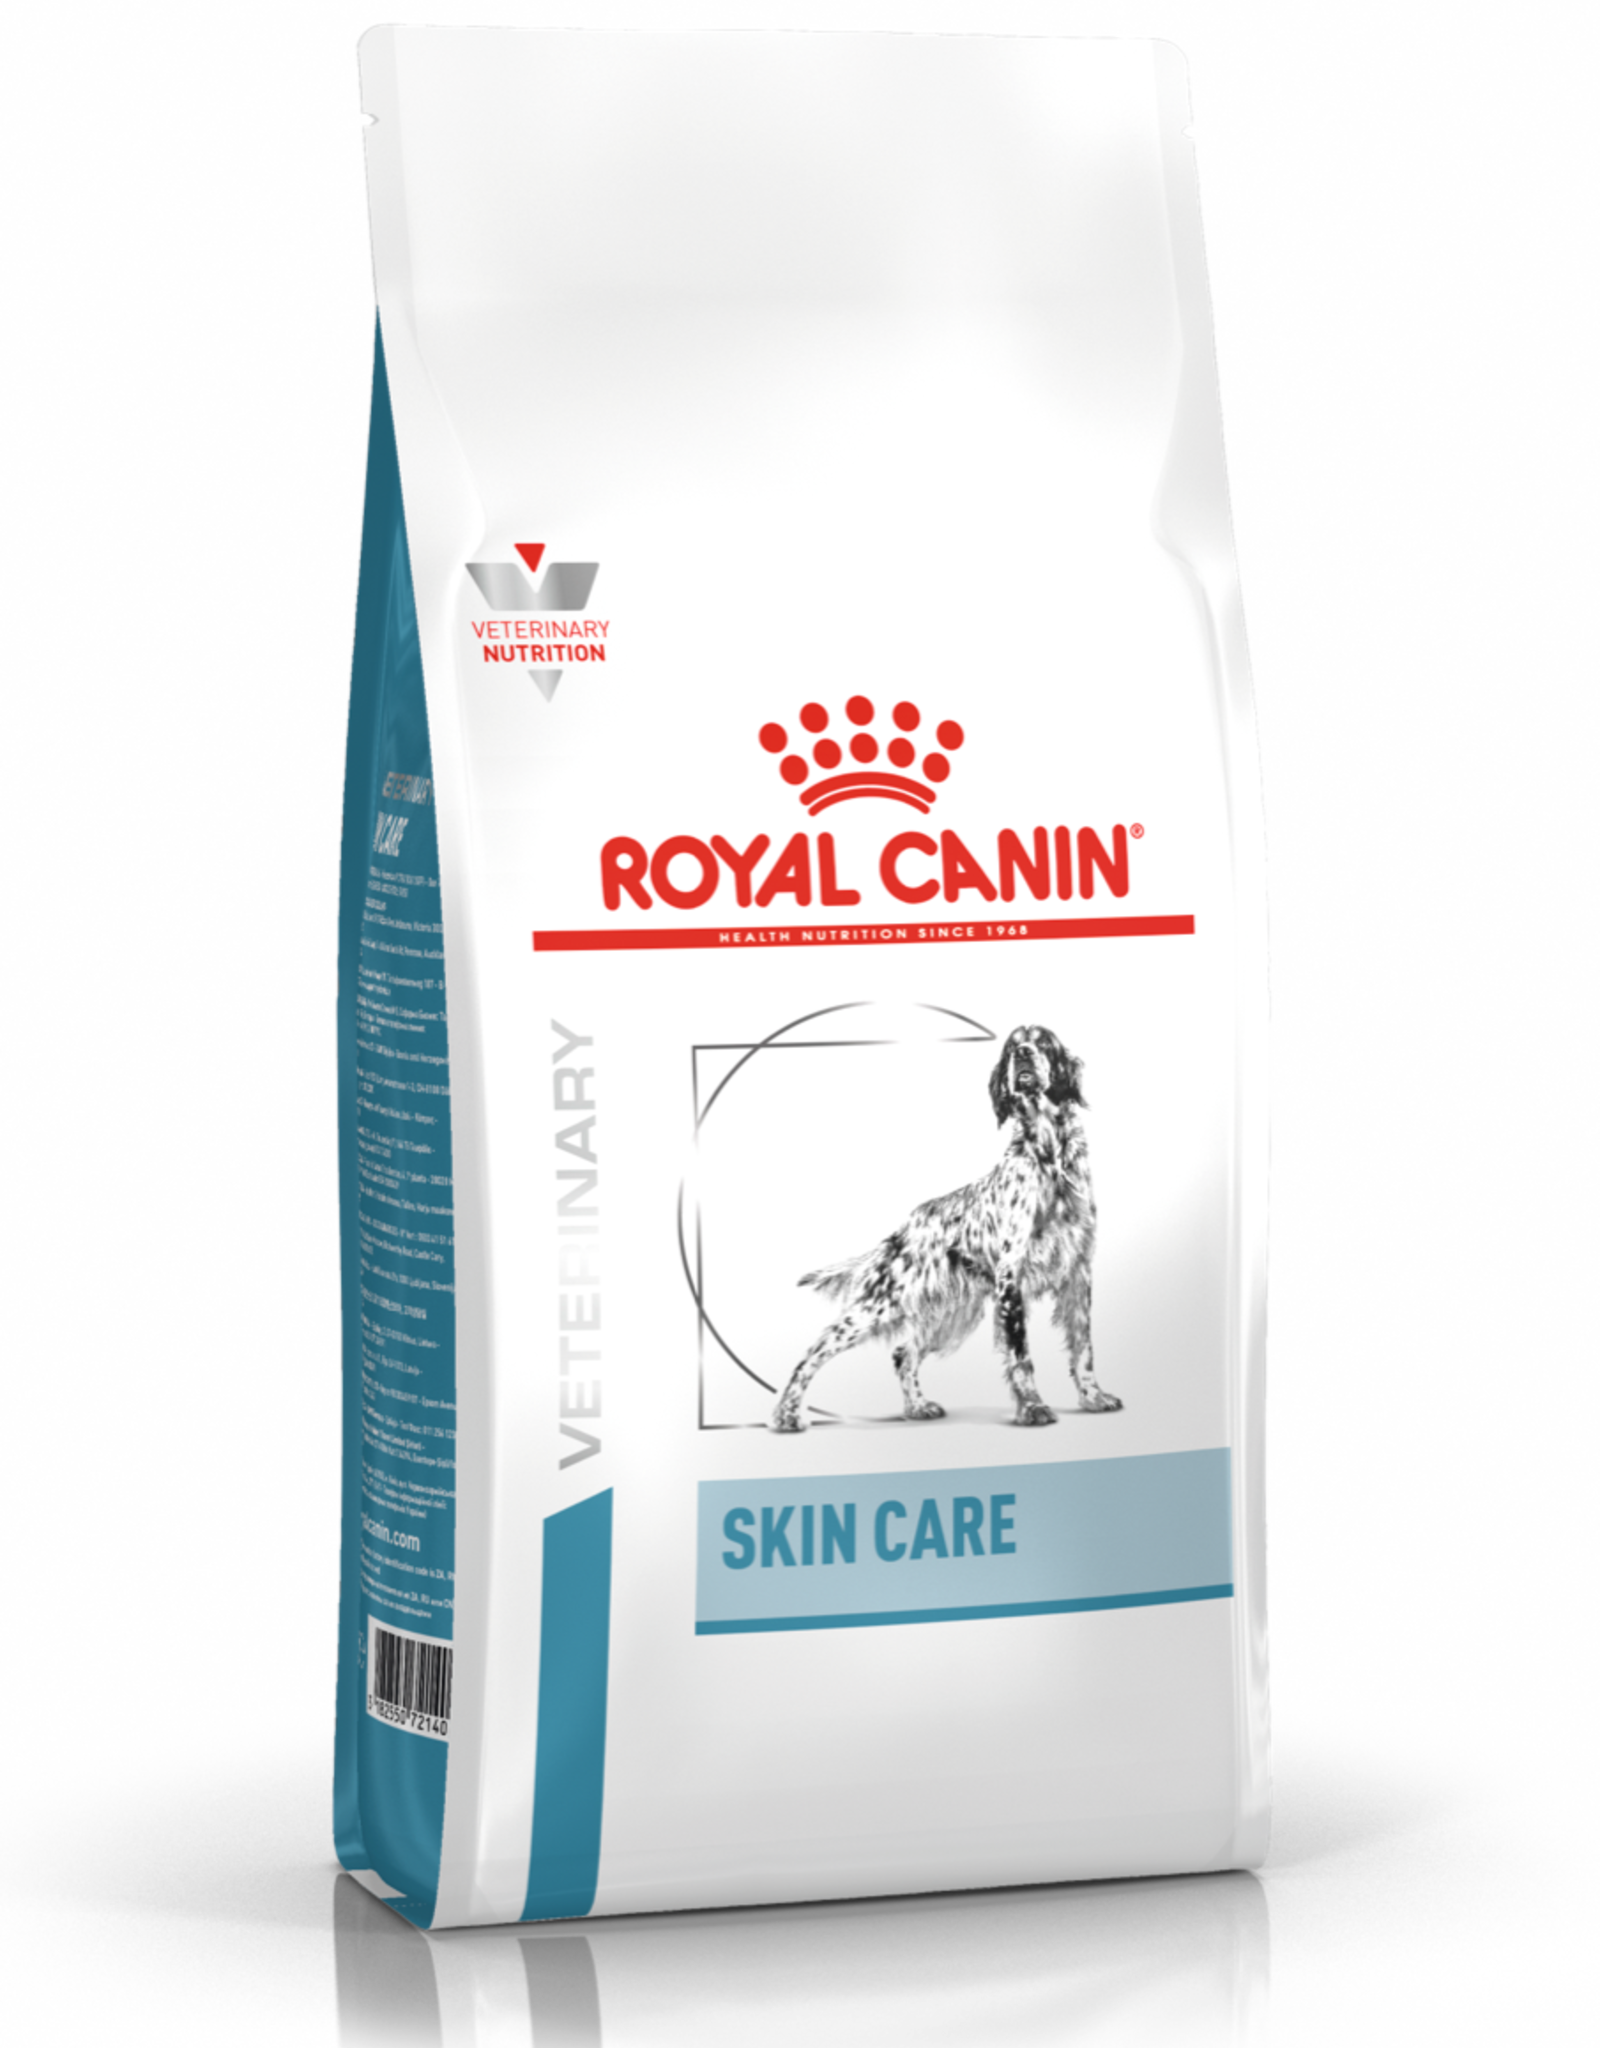 Royal Canin Royal Canin Skin Care Dog 11kg